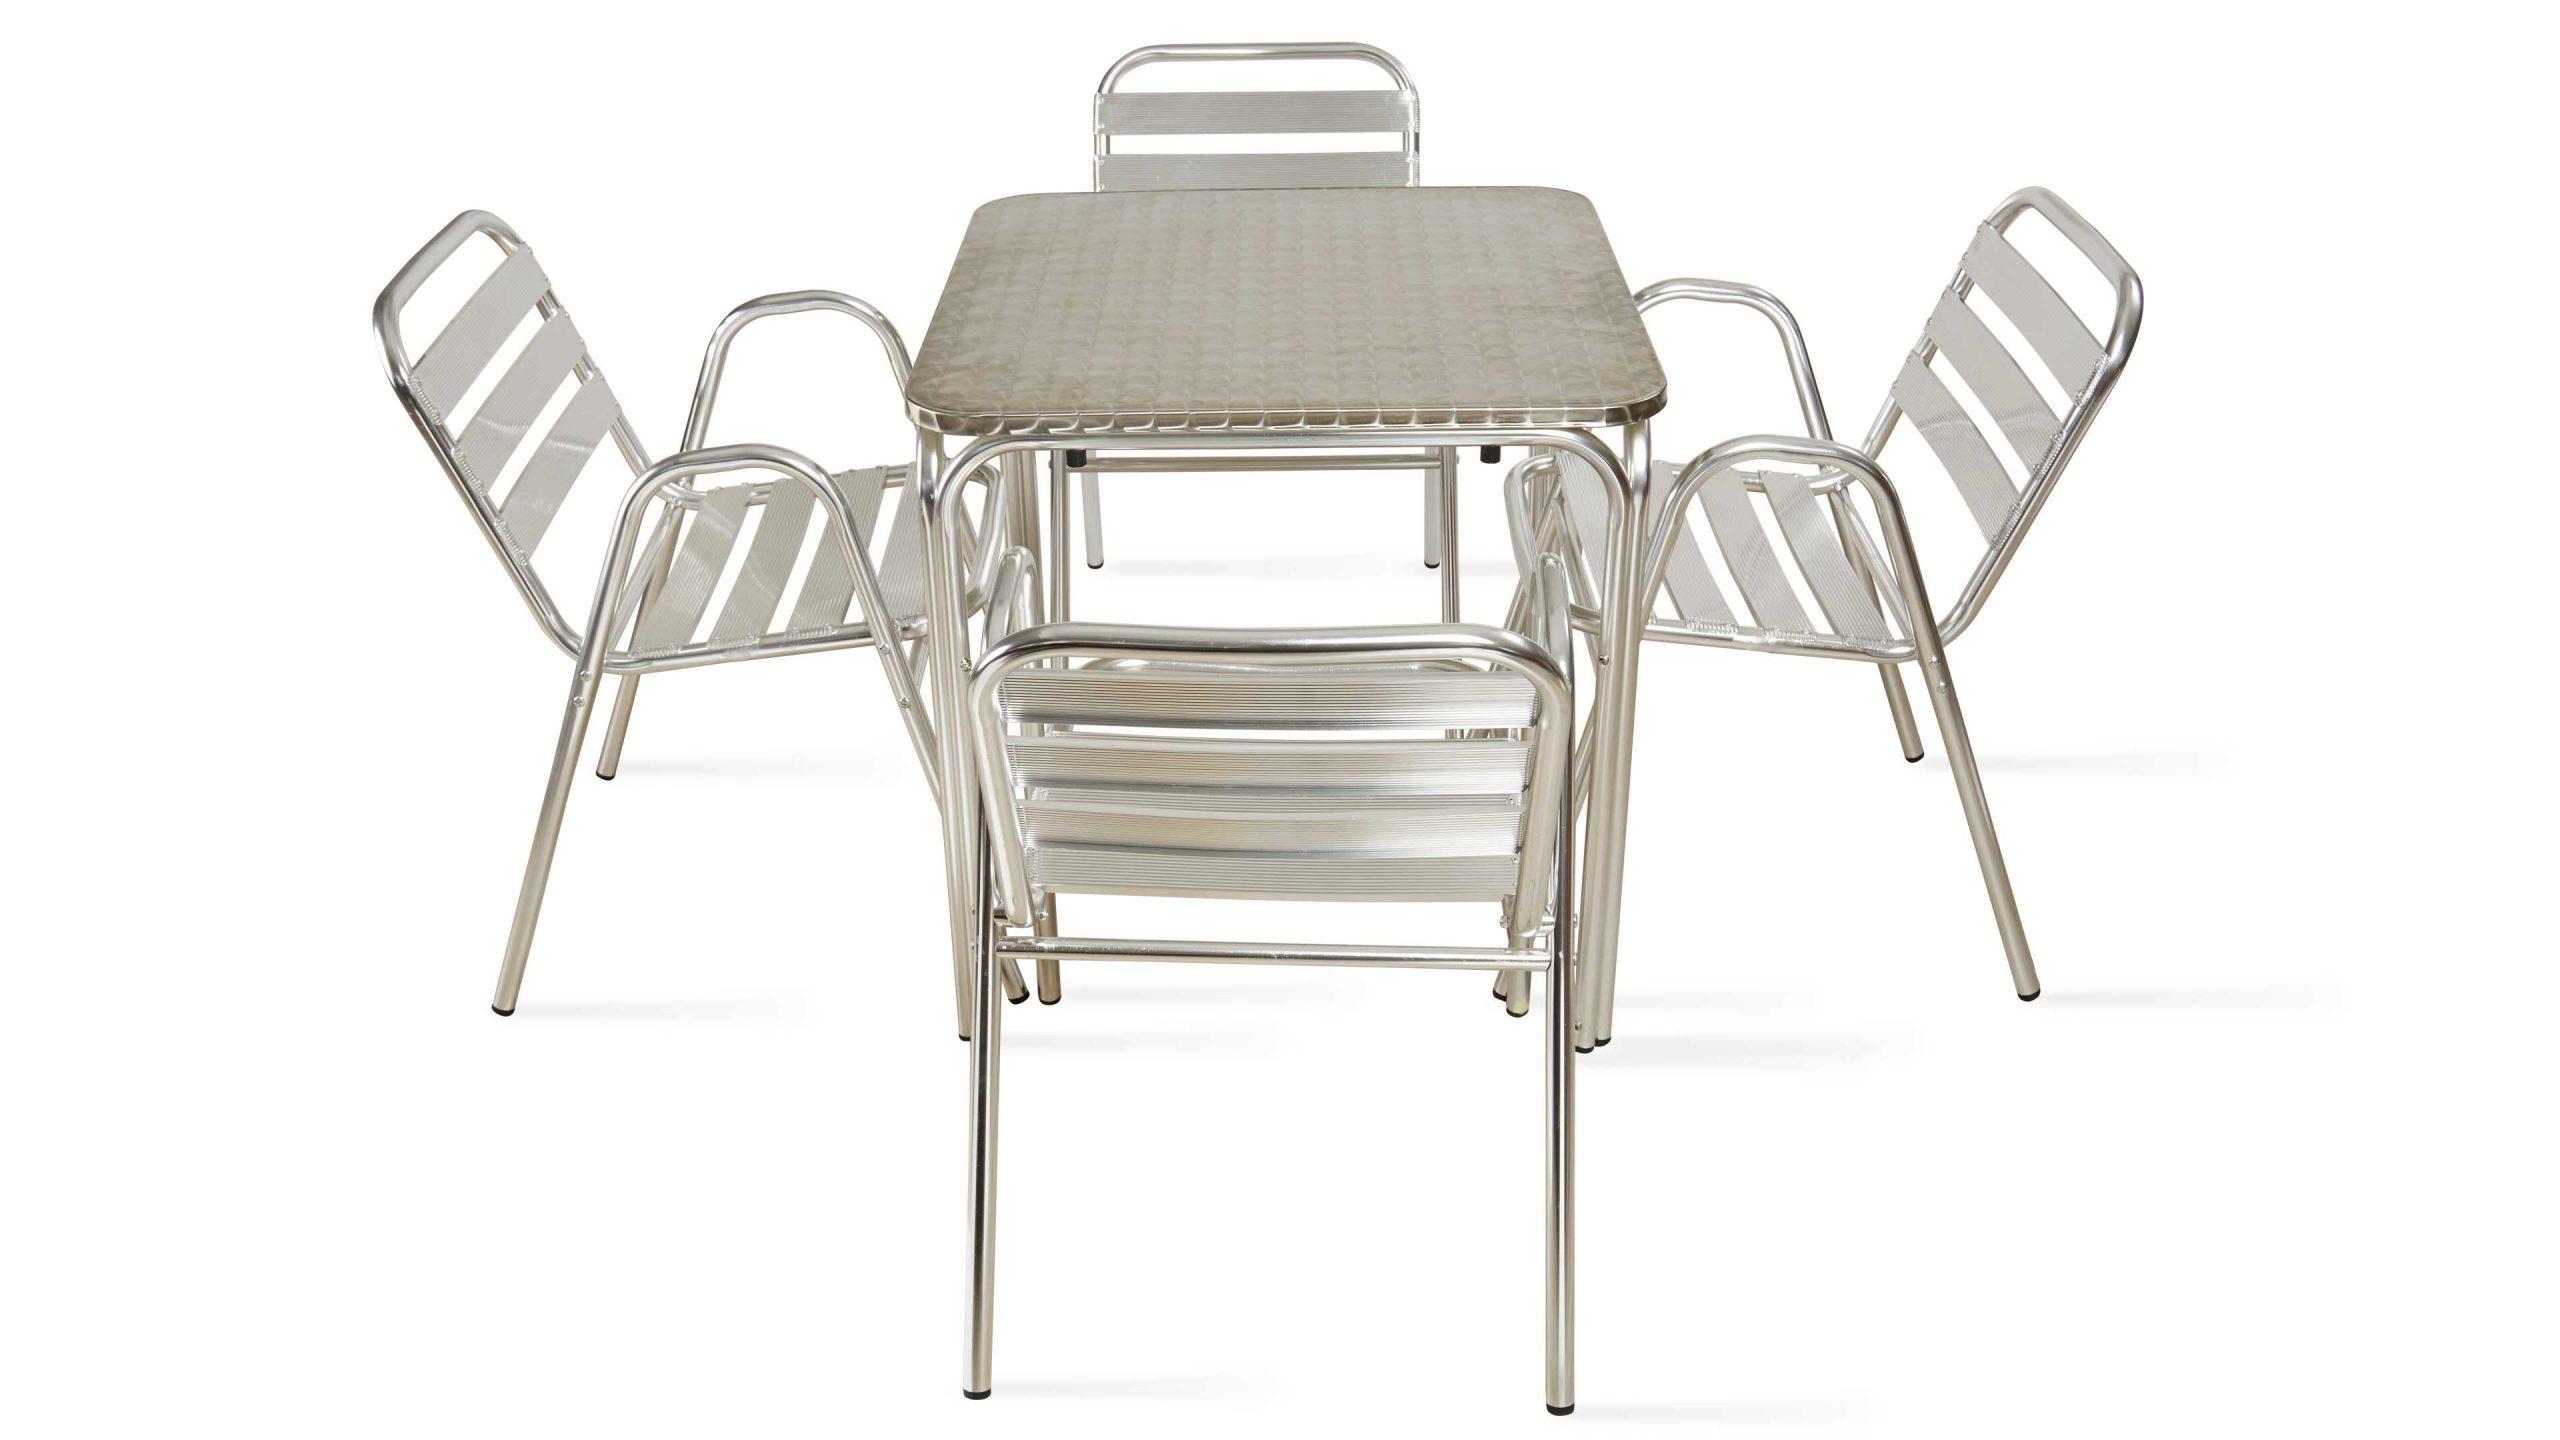 Table De Jardin Carrée En Aluminium 4 Places avec Table Et Chaise De Jardin En Aluminium